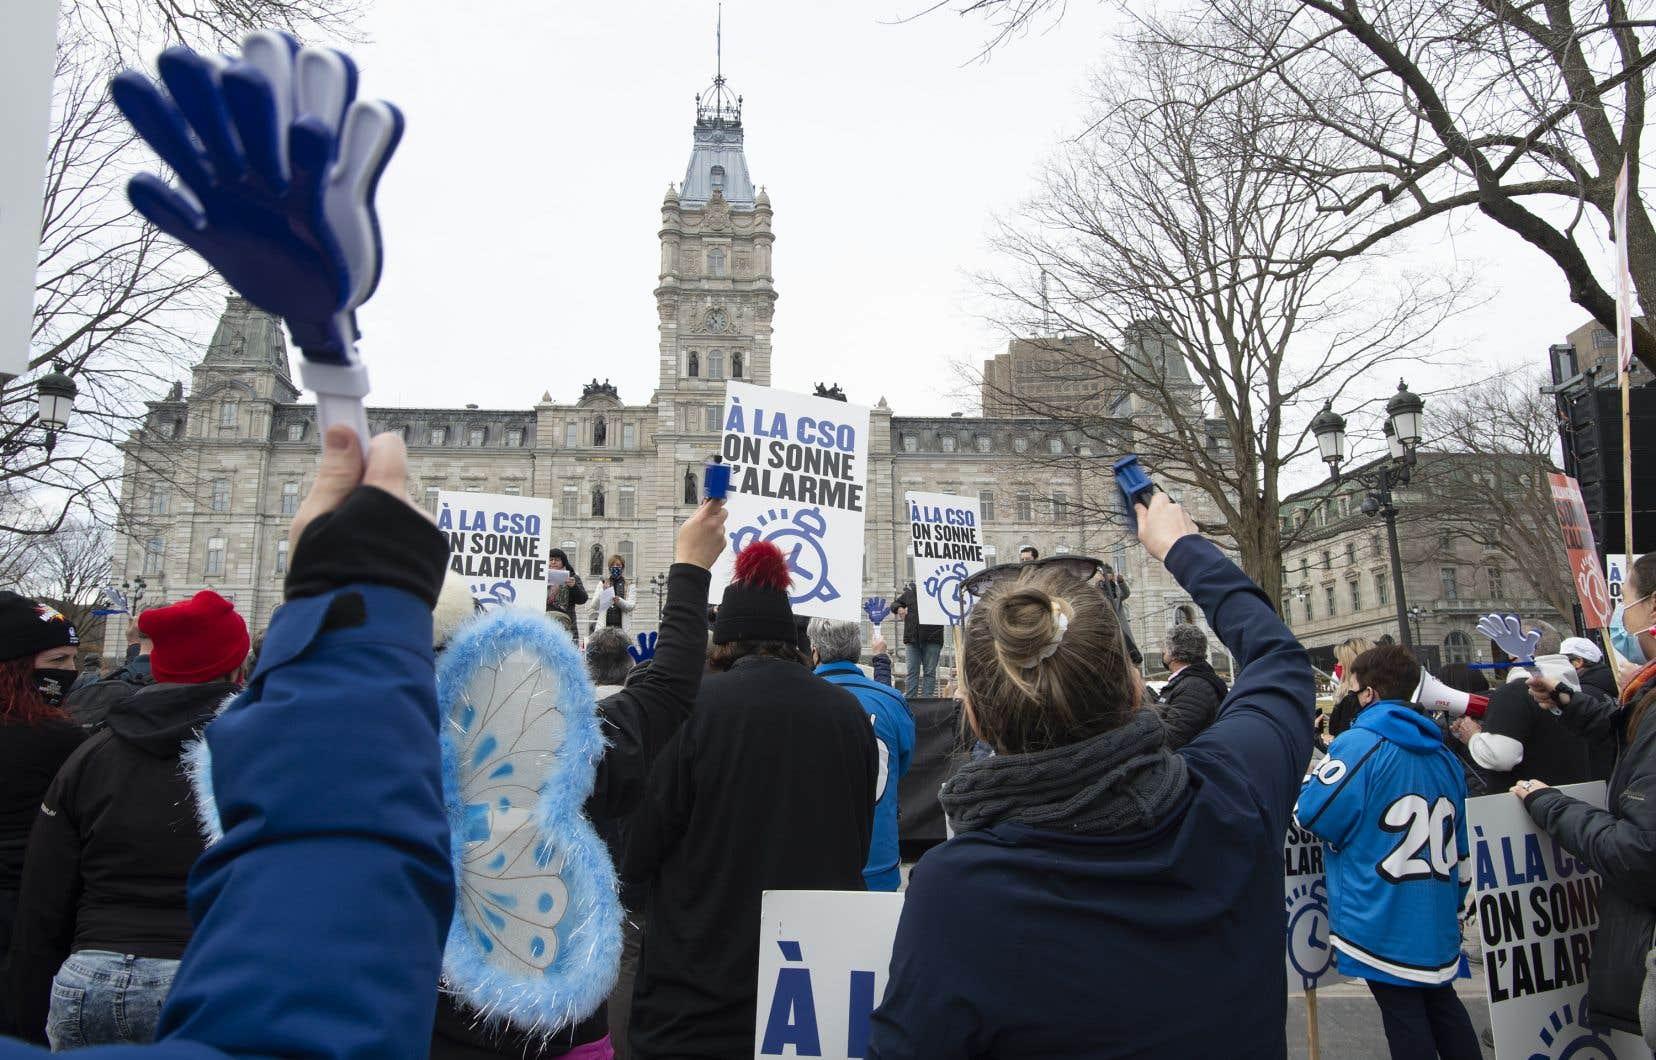 Le 31 mars, des centaines de travailleurs de la santé ont manifesté à Québec pour demander de meilleures offres de la part du gouvernement.